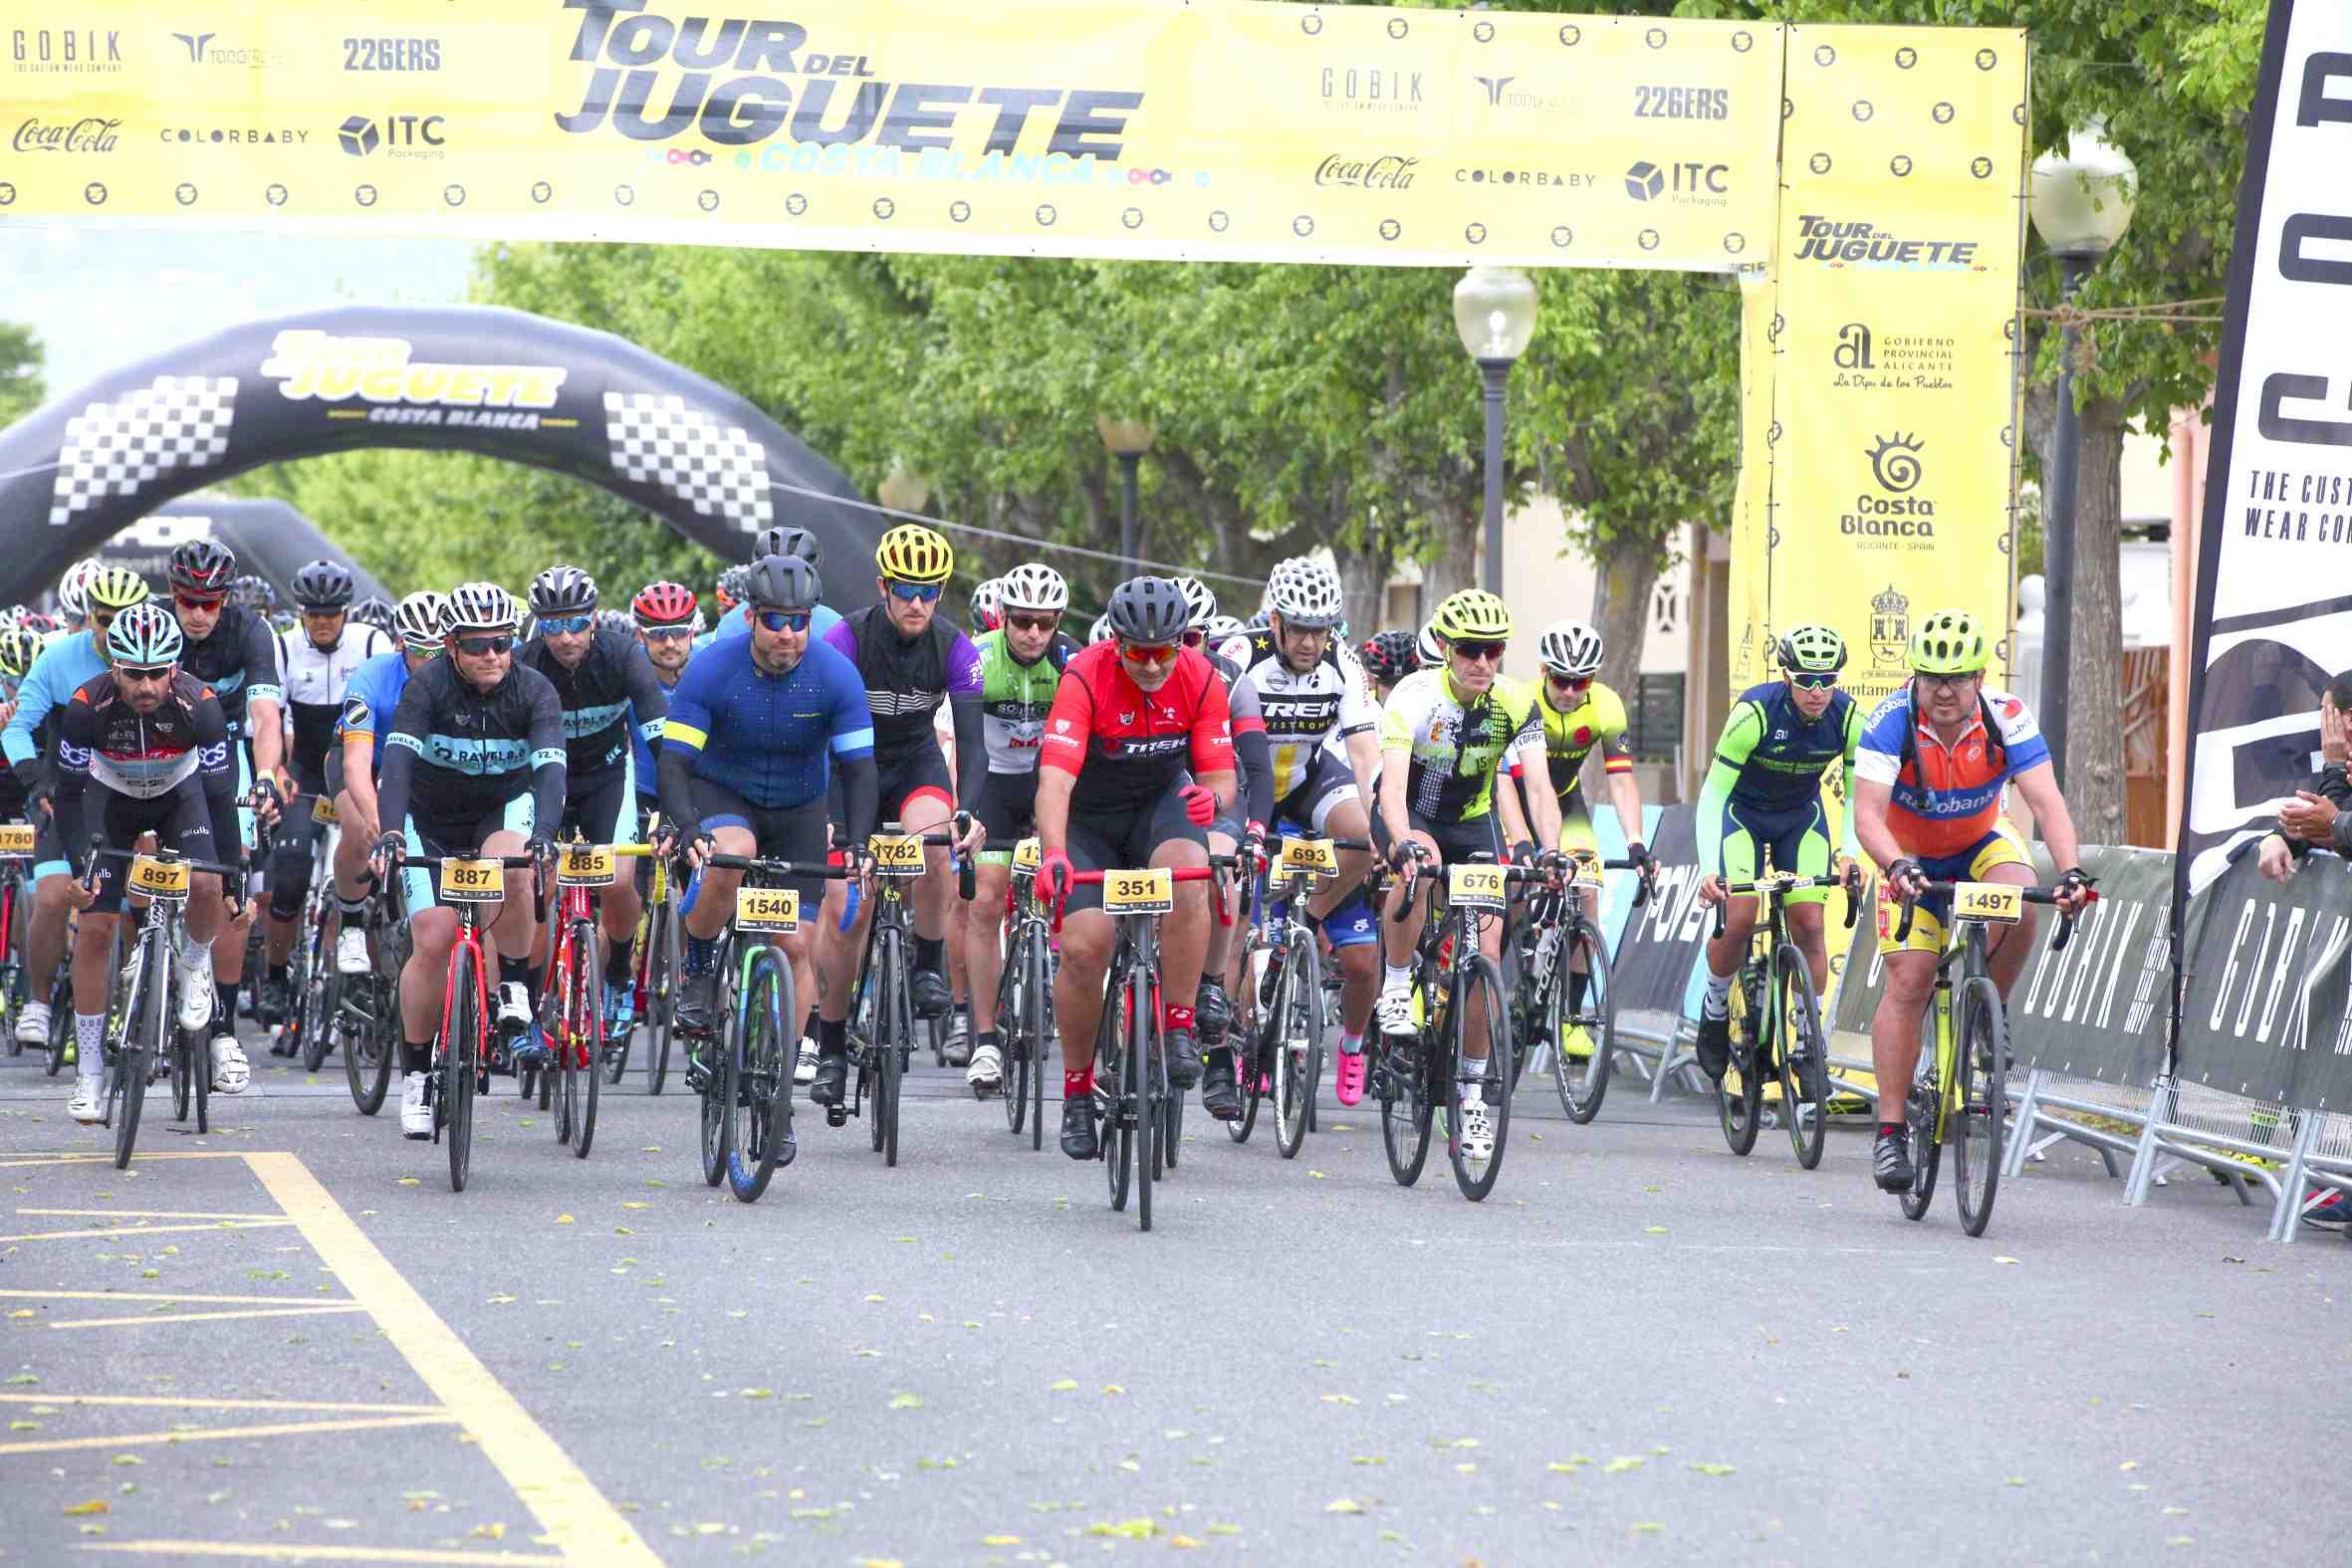 El VIII Tour del Juguete Costa Blanca consolida su cartel de referencia en el calendario nacional de cicloturismo